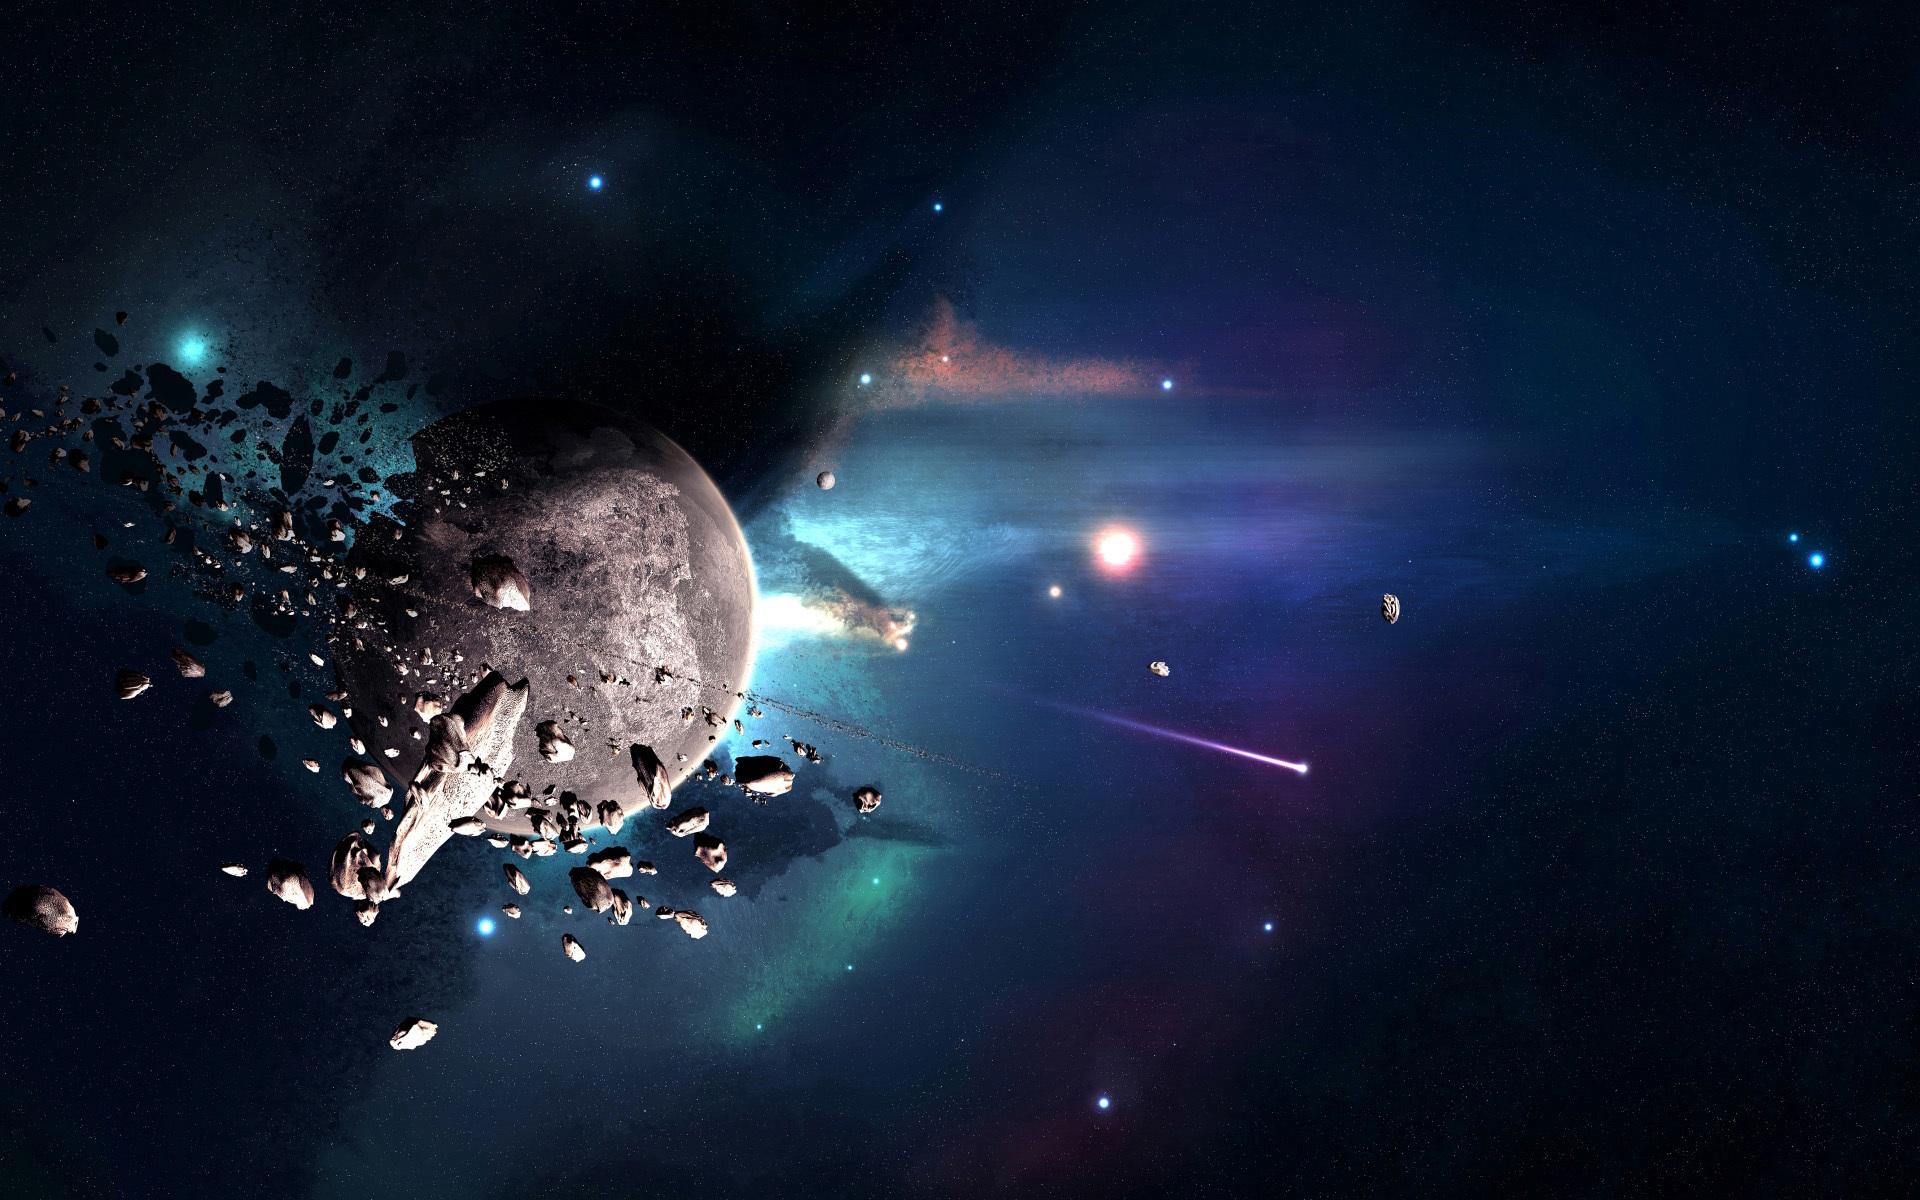 планета, звезды, невесомость